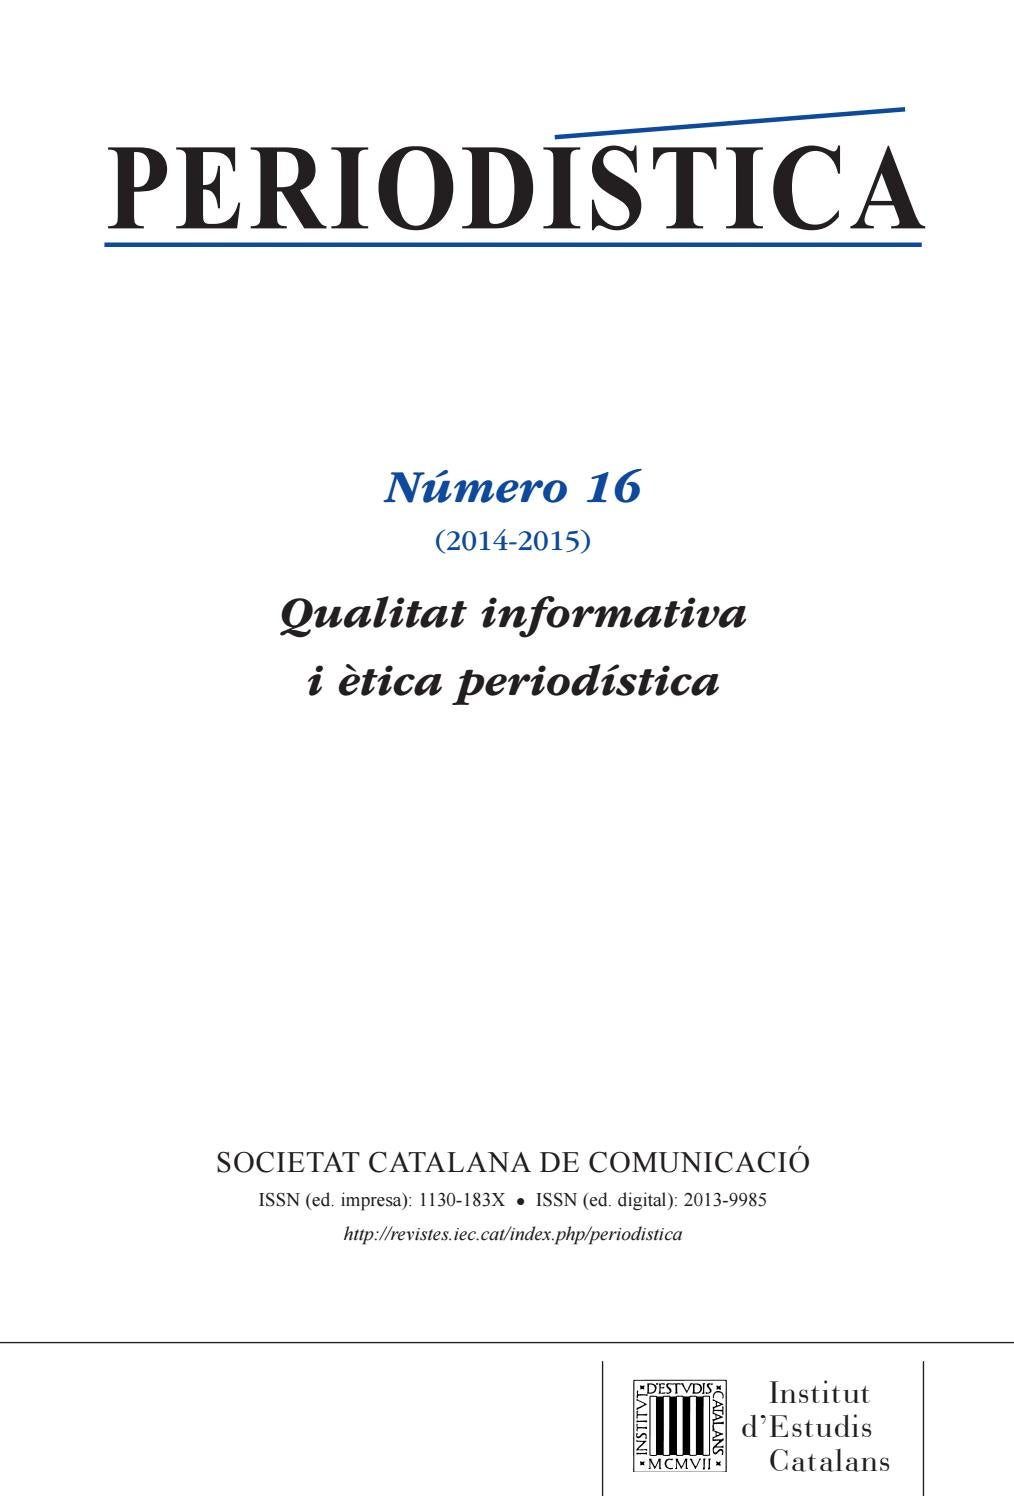 Periodística by Institut d\'Estudis Catalans - issuu